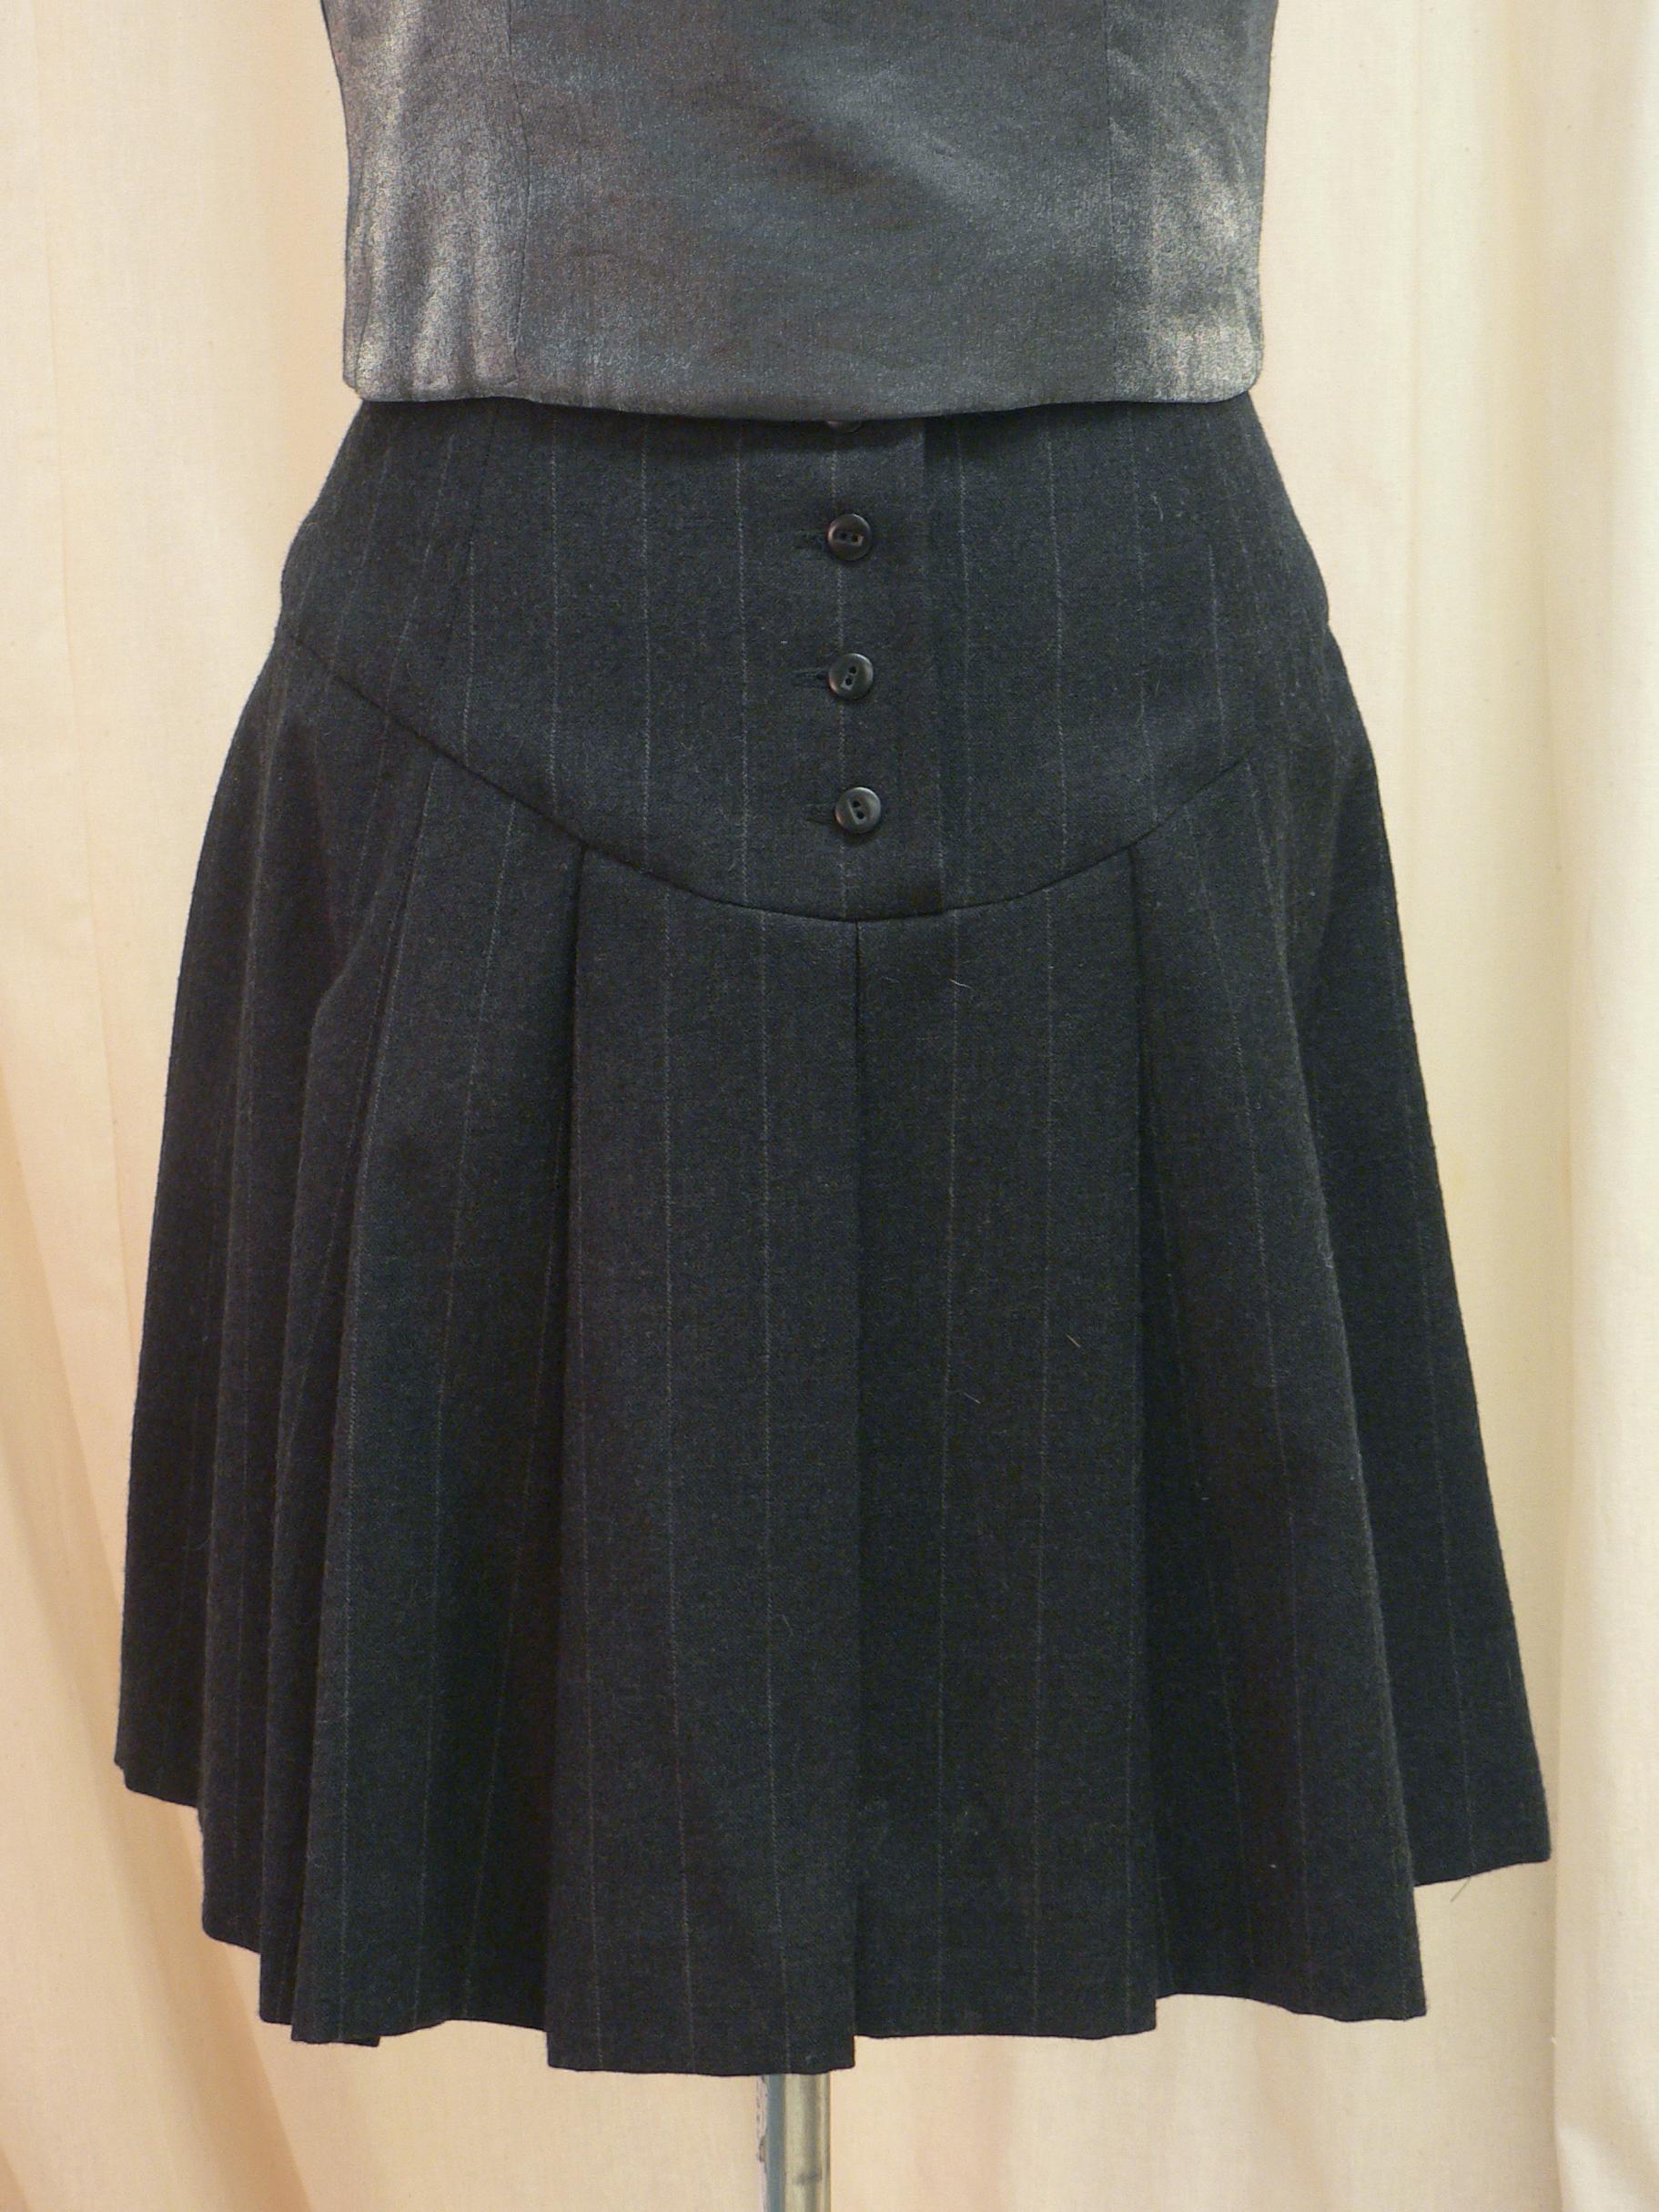 ensemble14_skirt_back_detail.jpg